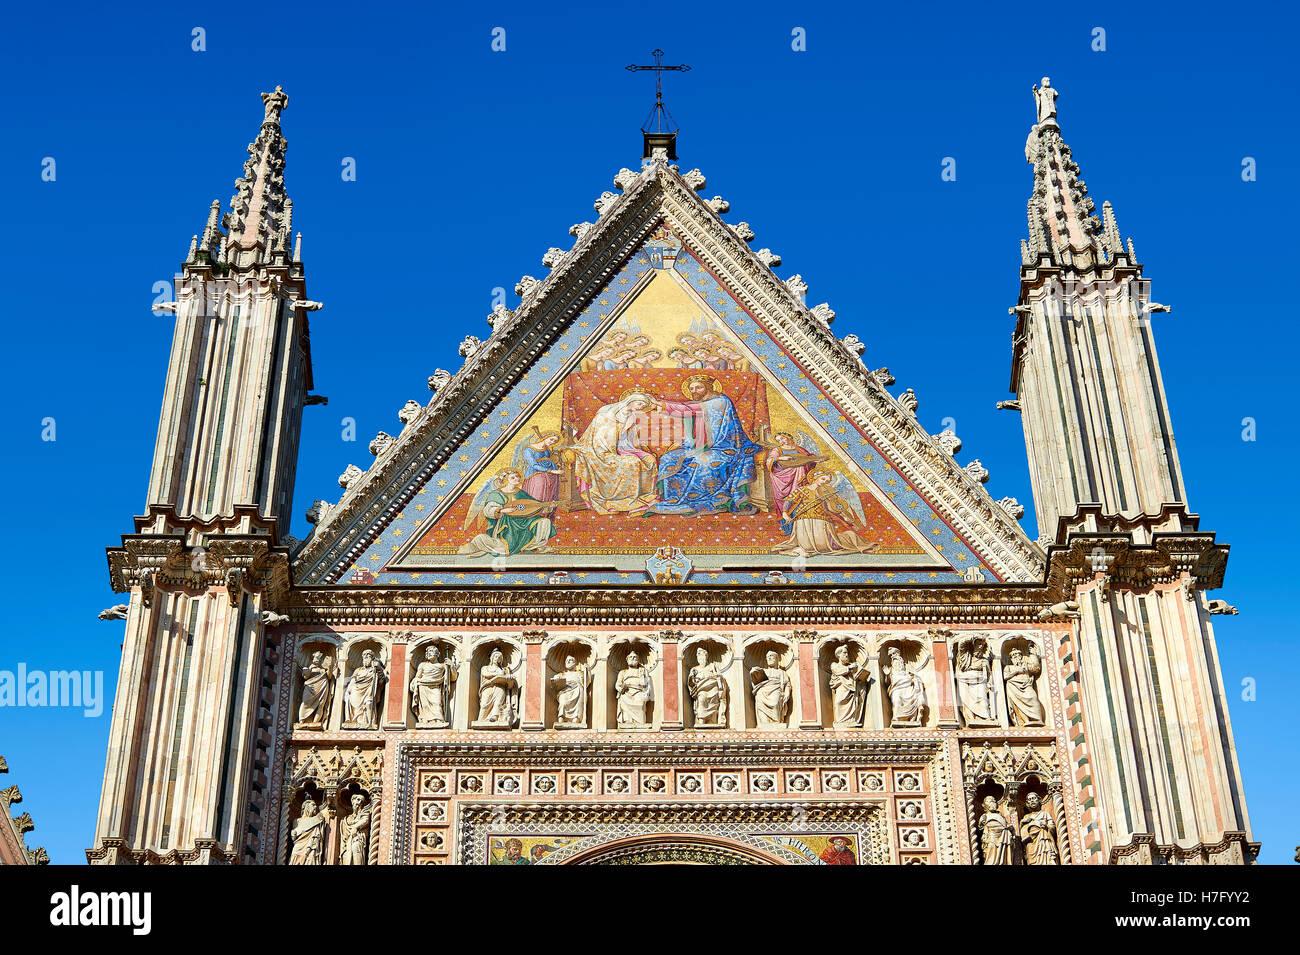 Detail der toskanischen gotische Fassade des the14th Jahrhunderts Orvieto Duomo Kathedrale, Umbrien, Italien Stockbild